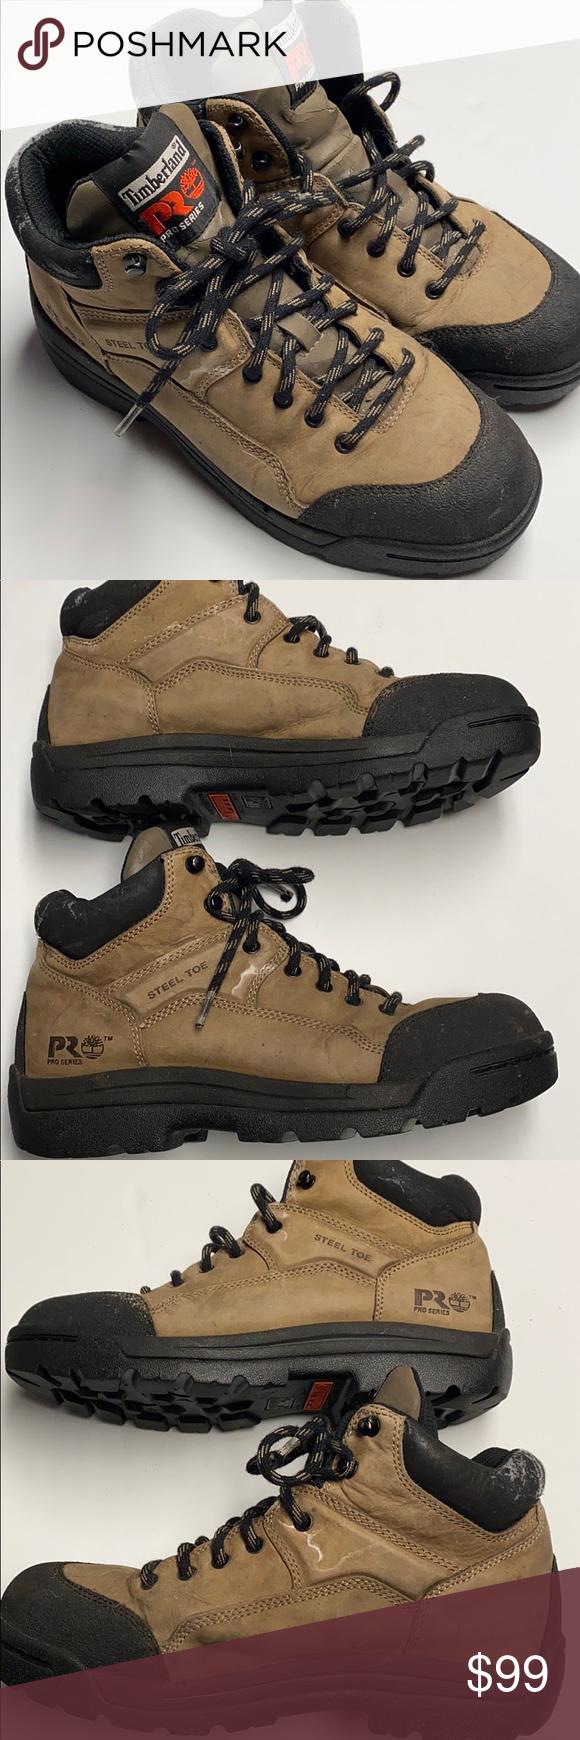 Oír de podar dolor de muelas  Timberland Pro Series Boot | Boots, Timberland pro, Timberland pro series